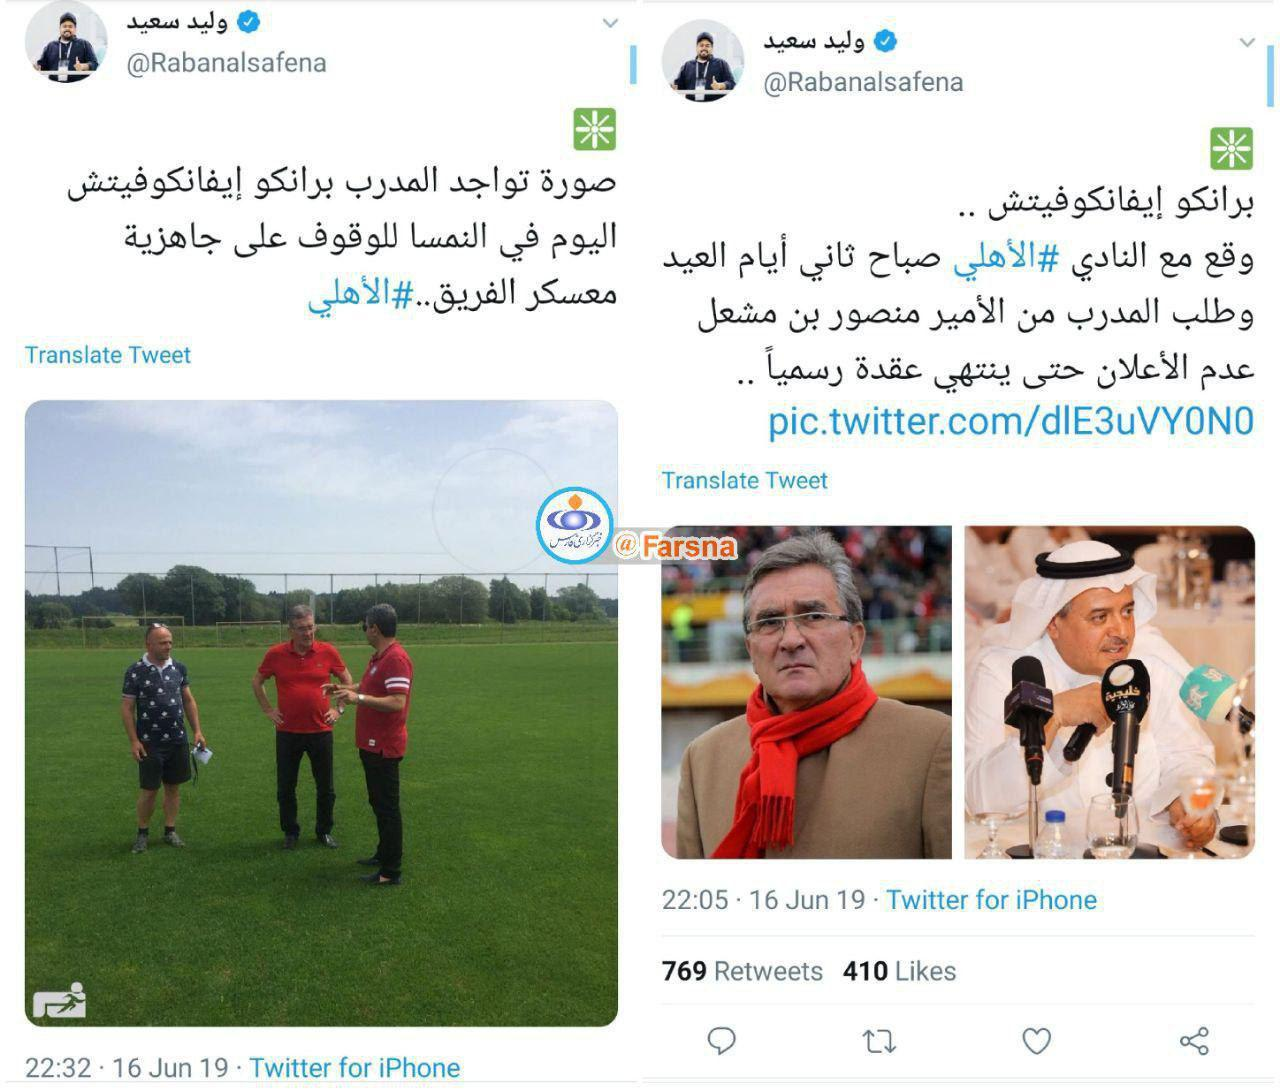 باشگاه الاهلی عربستان اعلام کرد، برانکو ایوانکوویچ فصل آینده سرمربی این تیم خواهد بود.